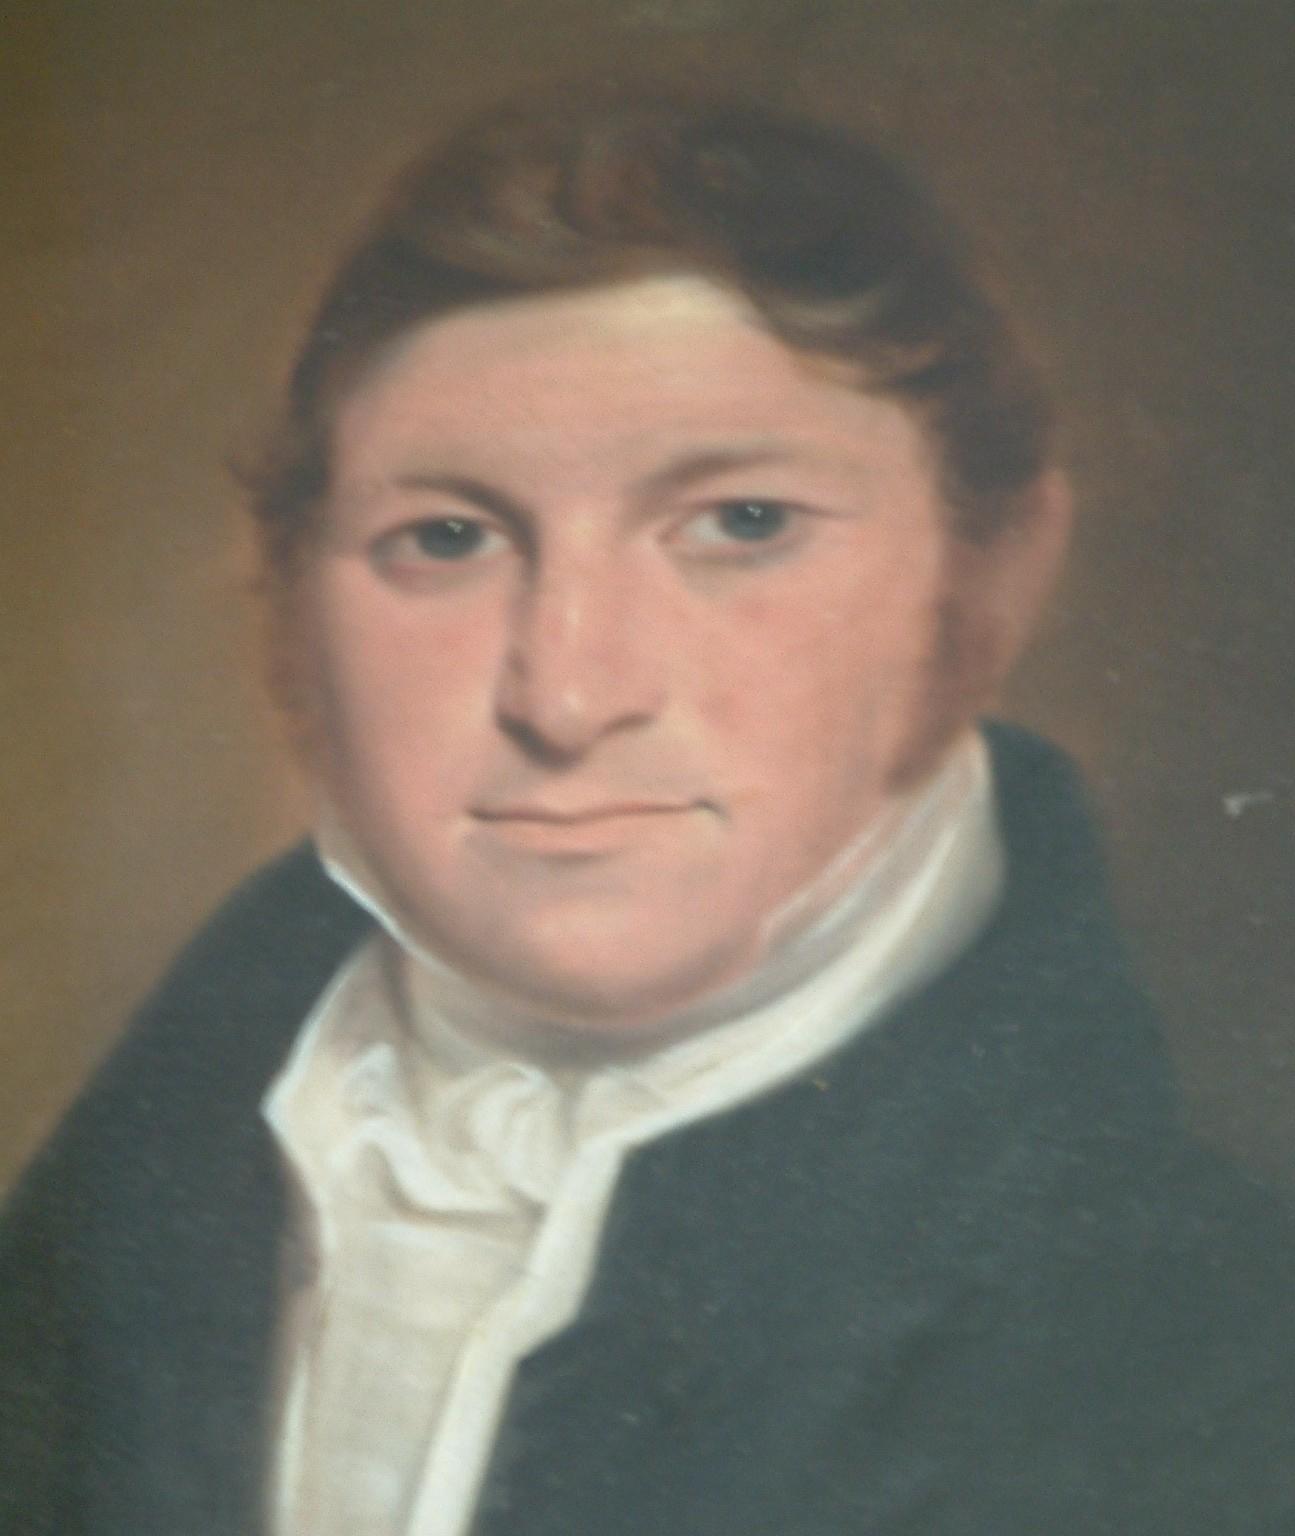 picture of Samuel Hewett